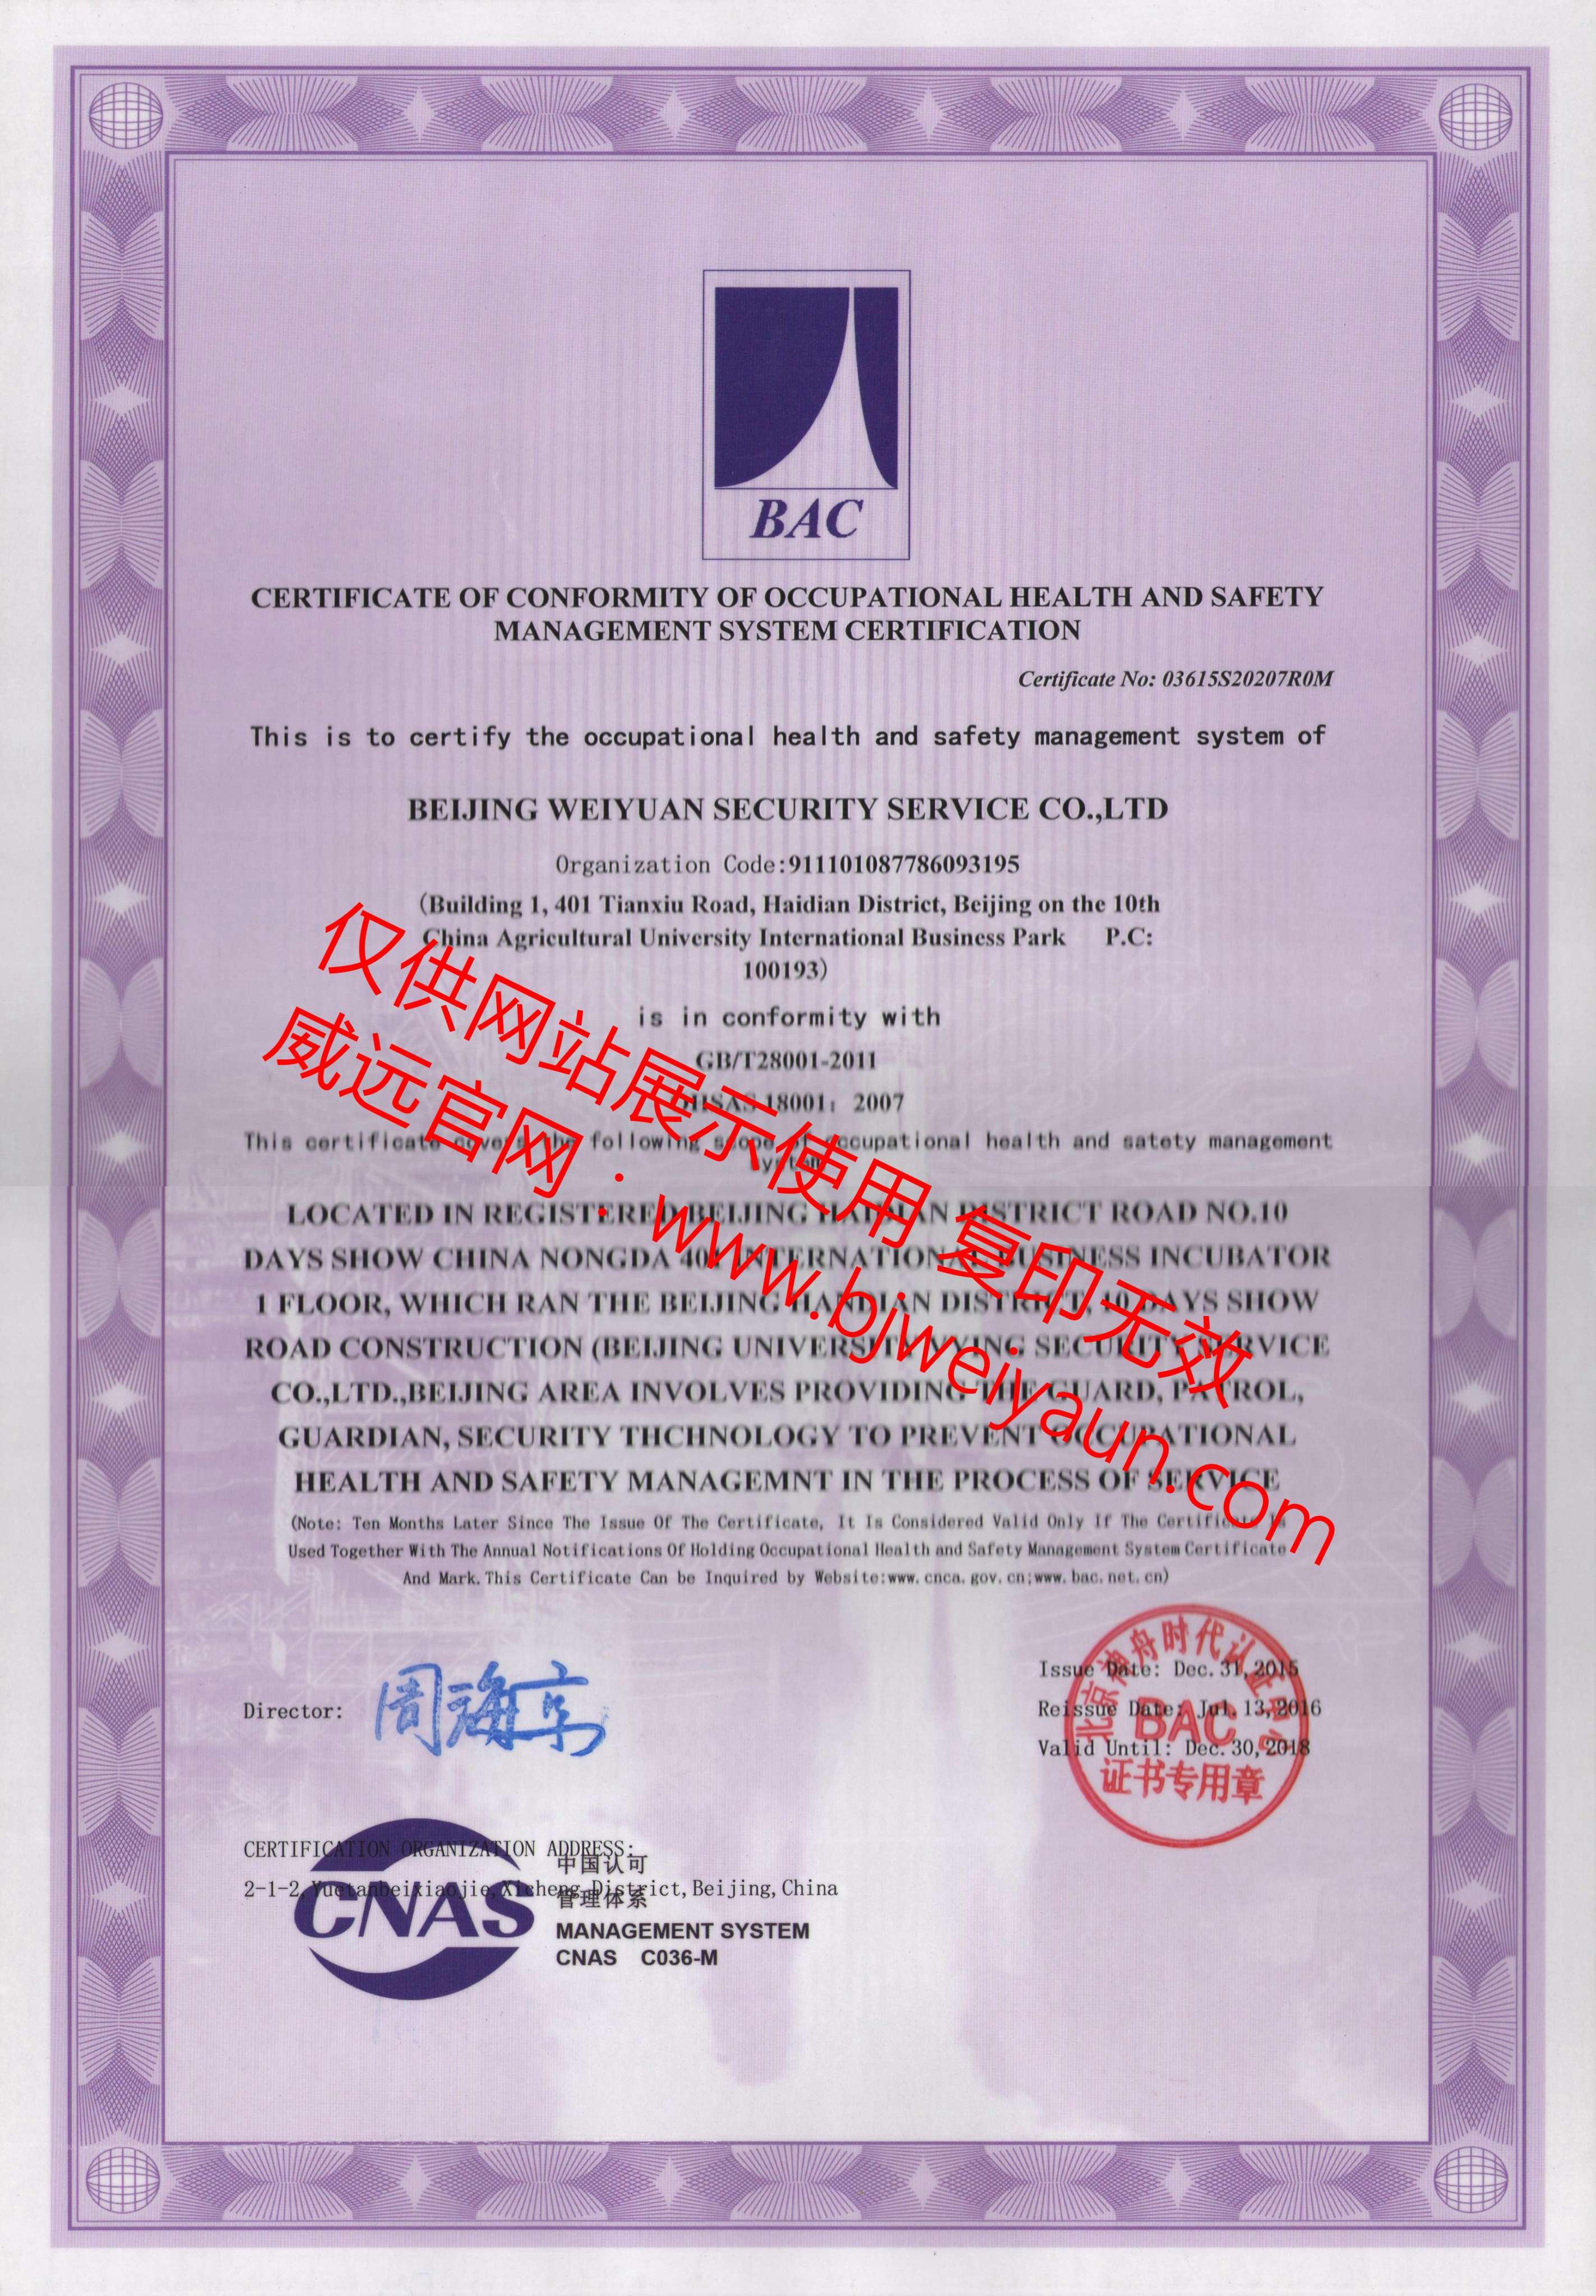 职业健康安全管理体系认证-英文.jpg